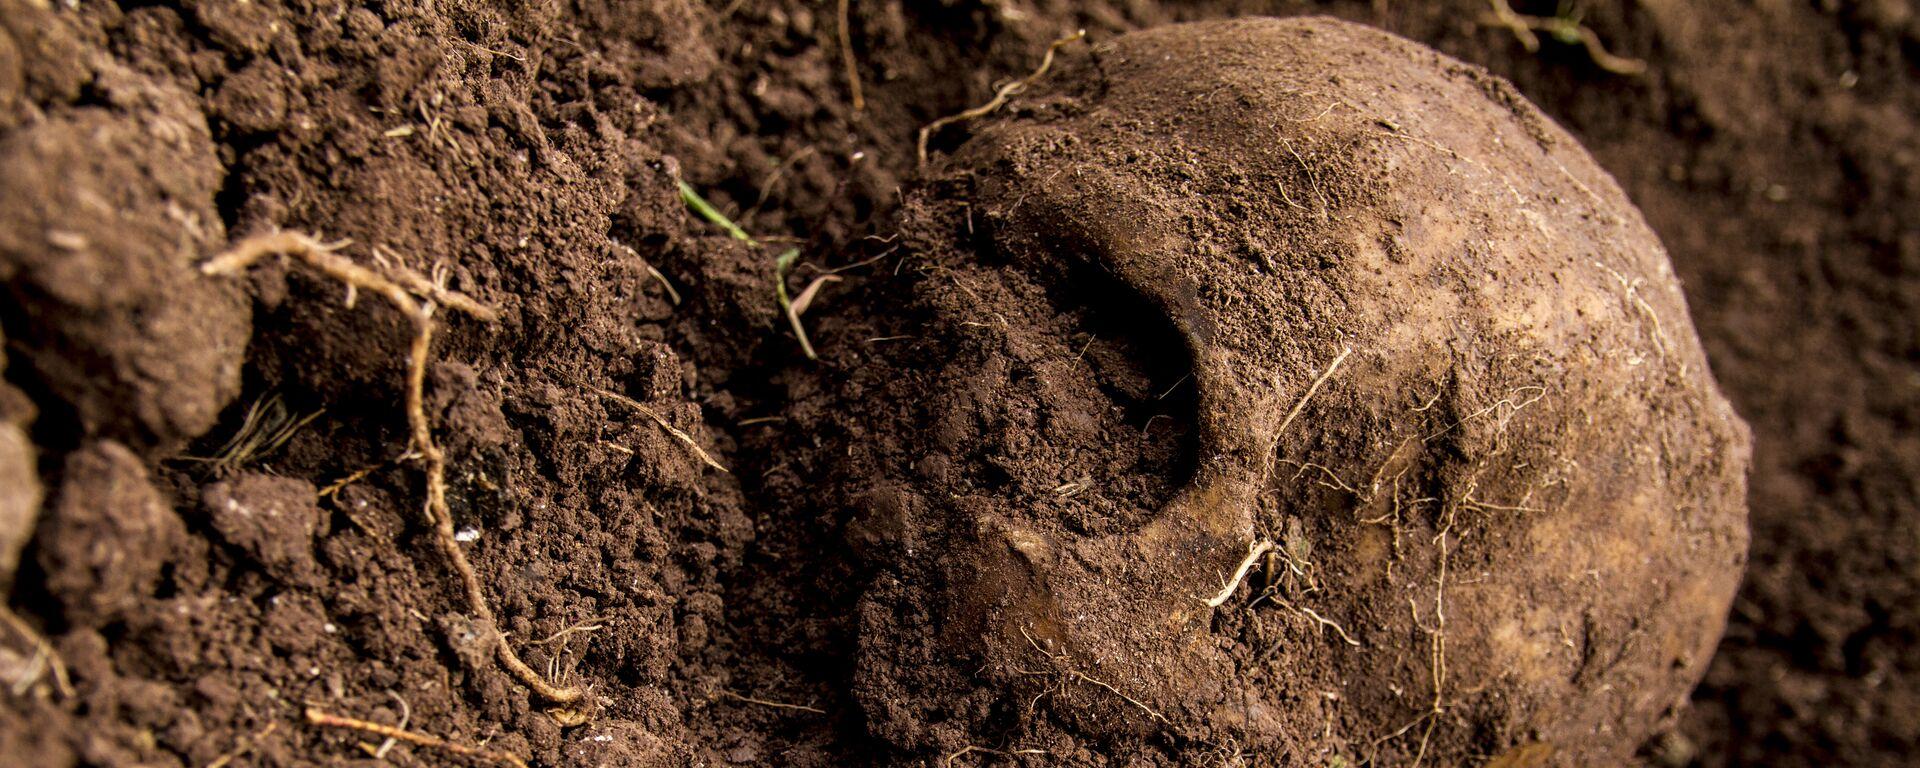 Cráneo hallado en una fosa  - Sputnik Mundo, 1920, 09.06.2021